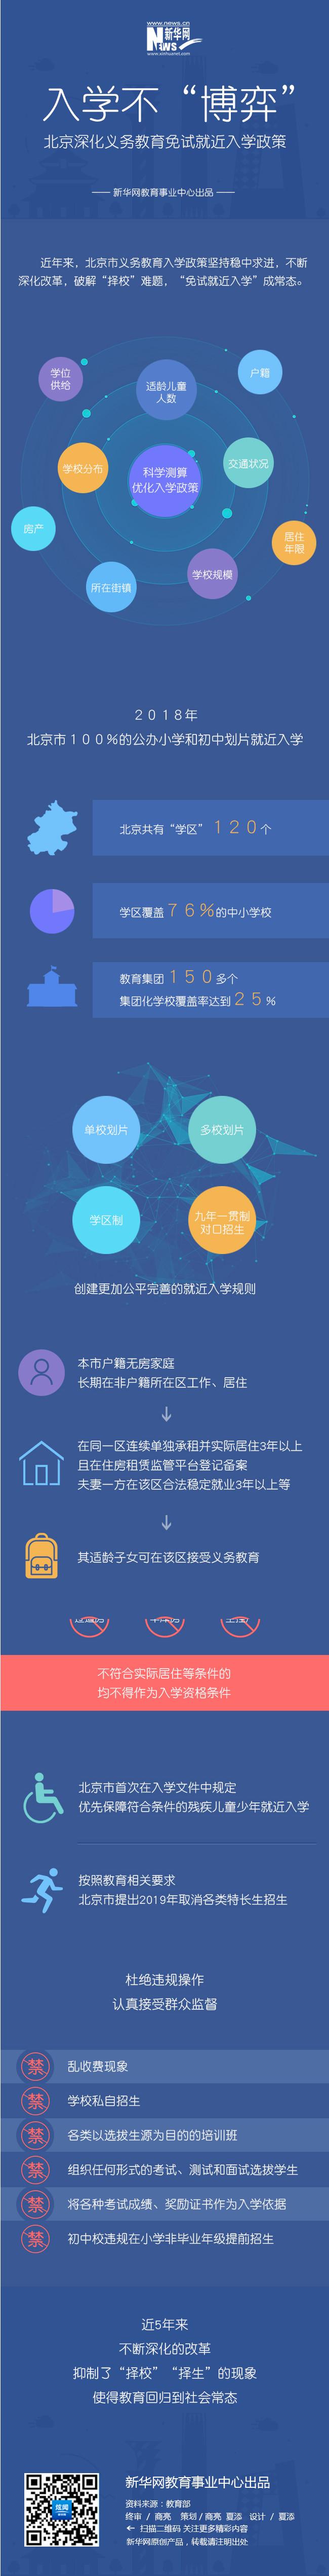 """北京义务教育:坚持实行""""免试就近入学""""政策"""